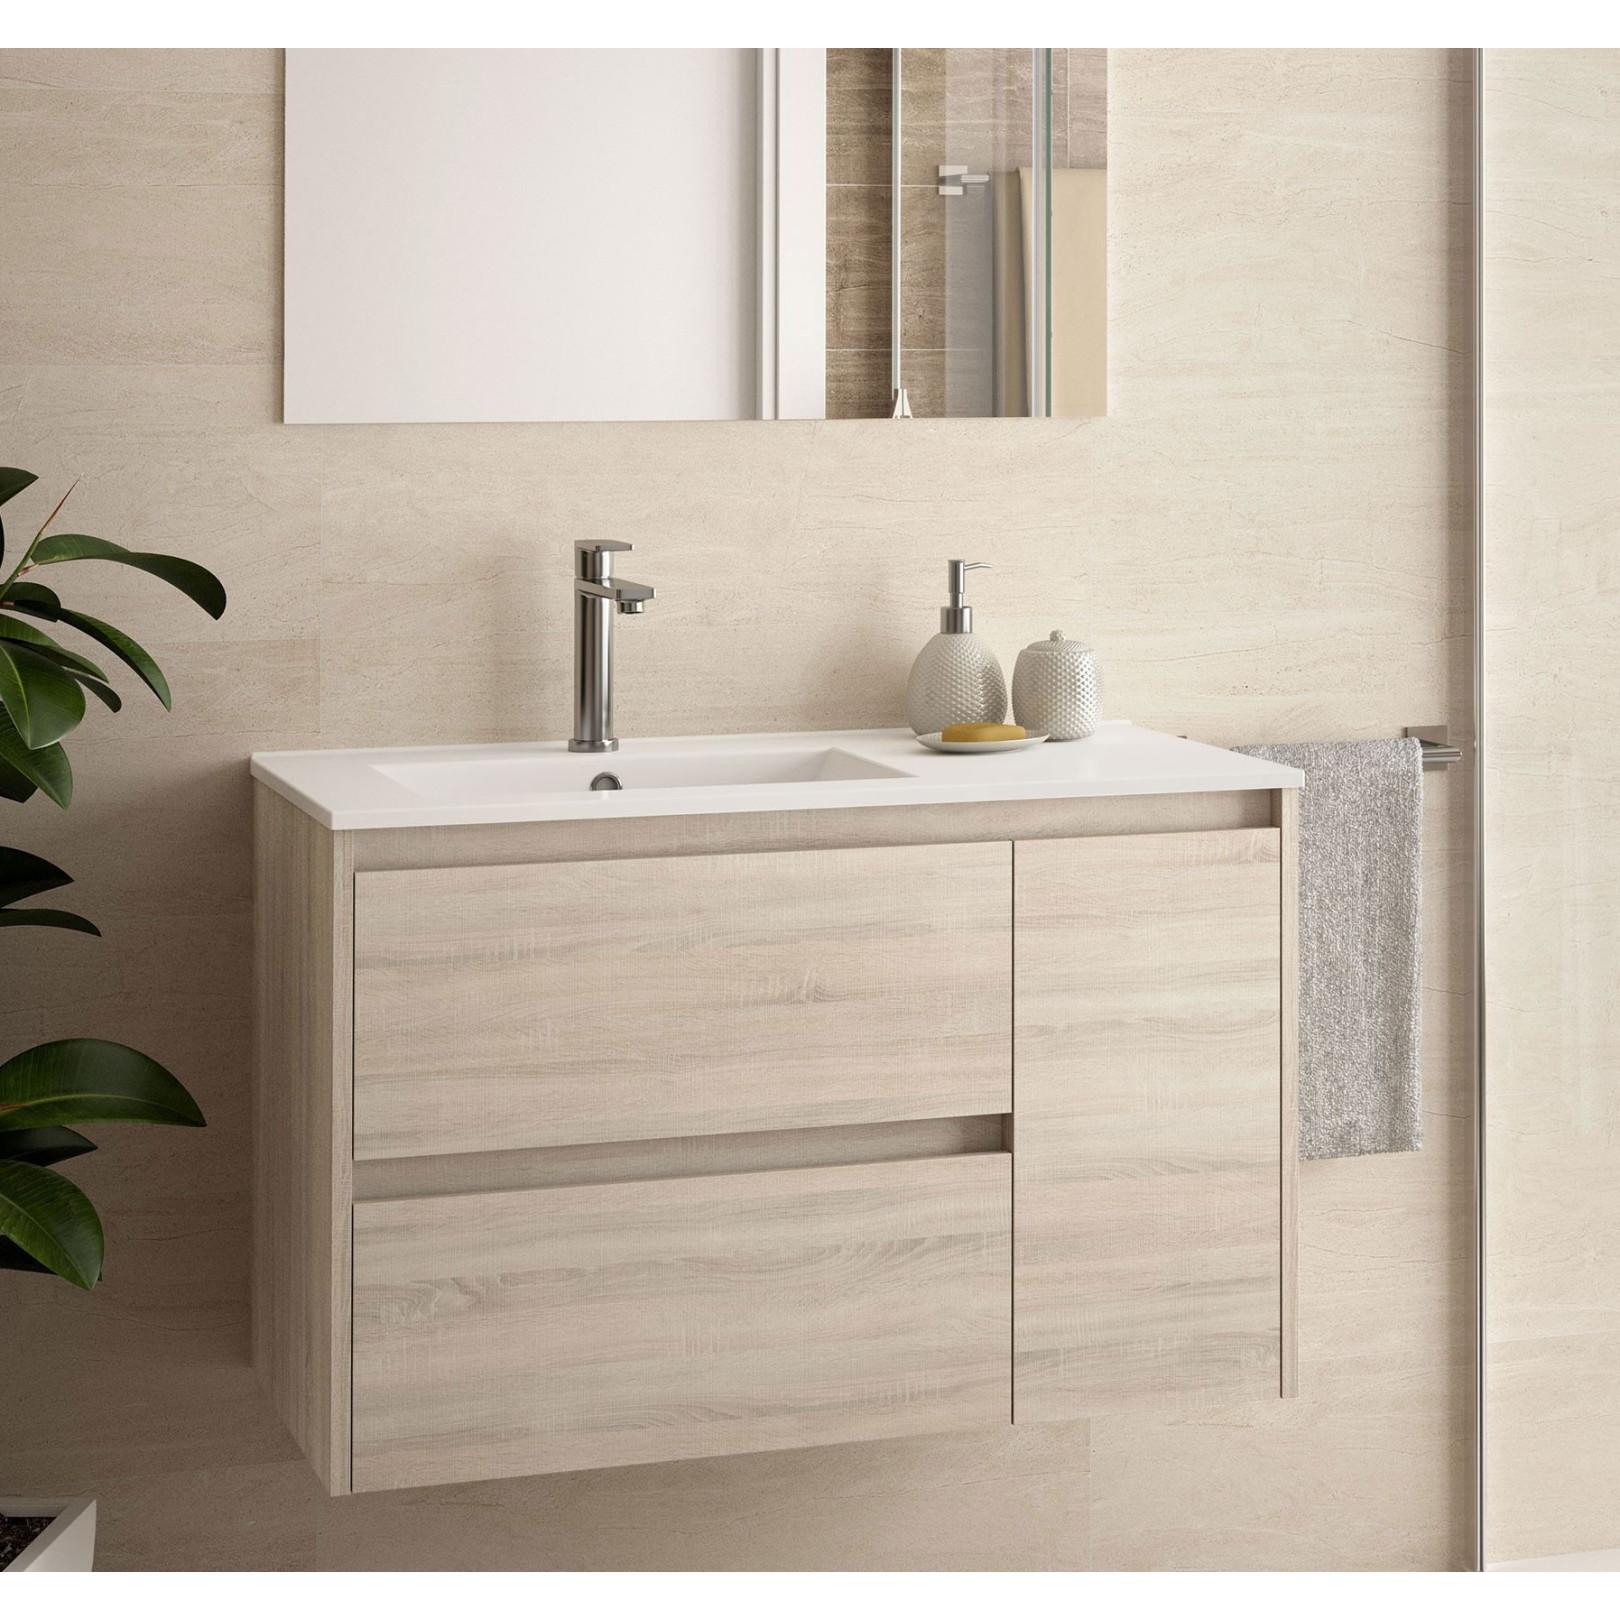 Meuble bain suspendu Noja 855, stratifié bois ou laqué avec plan vasque céramique